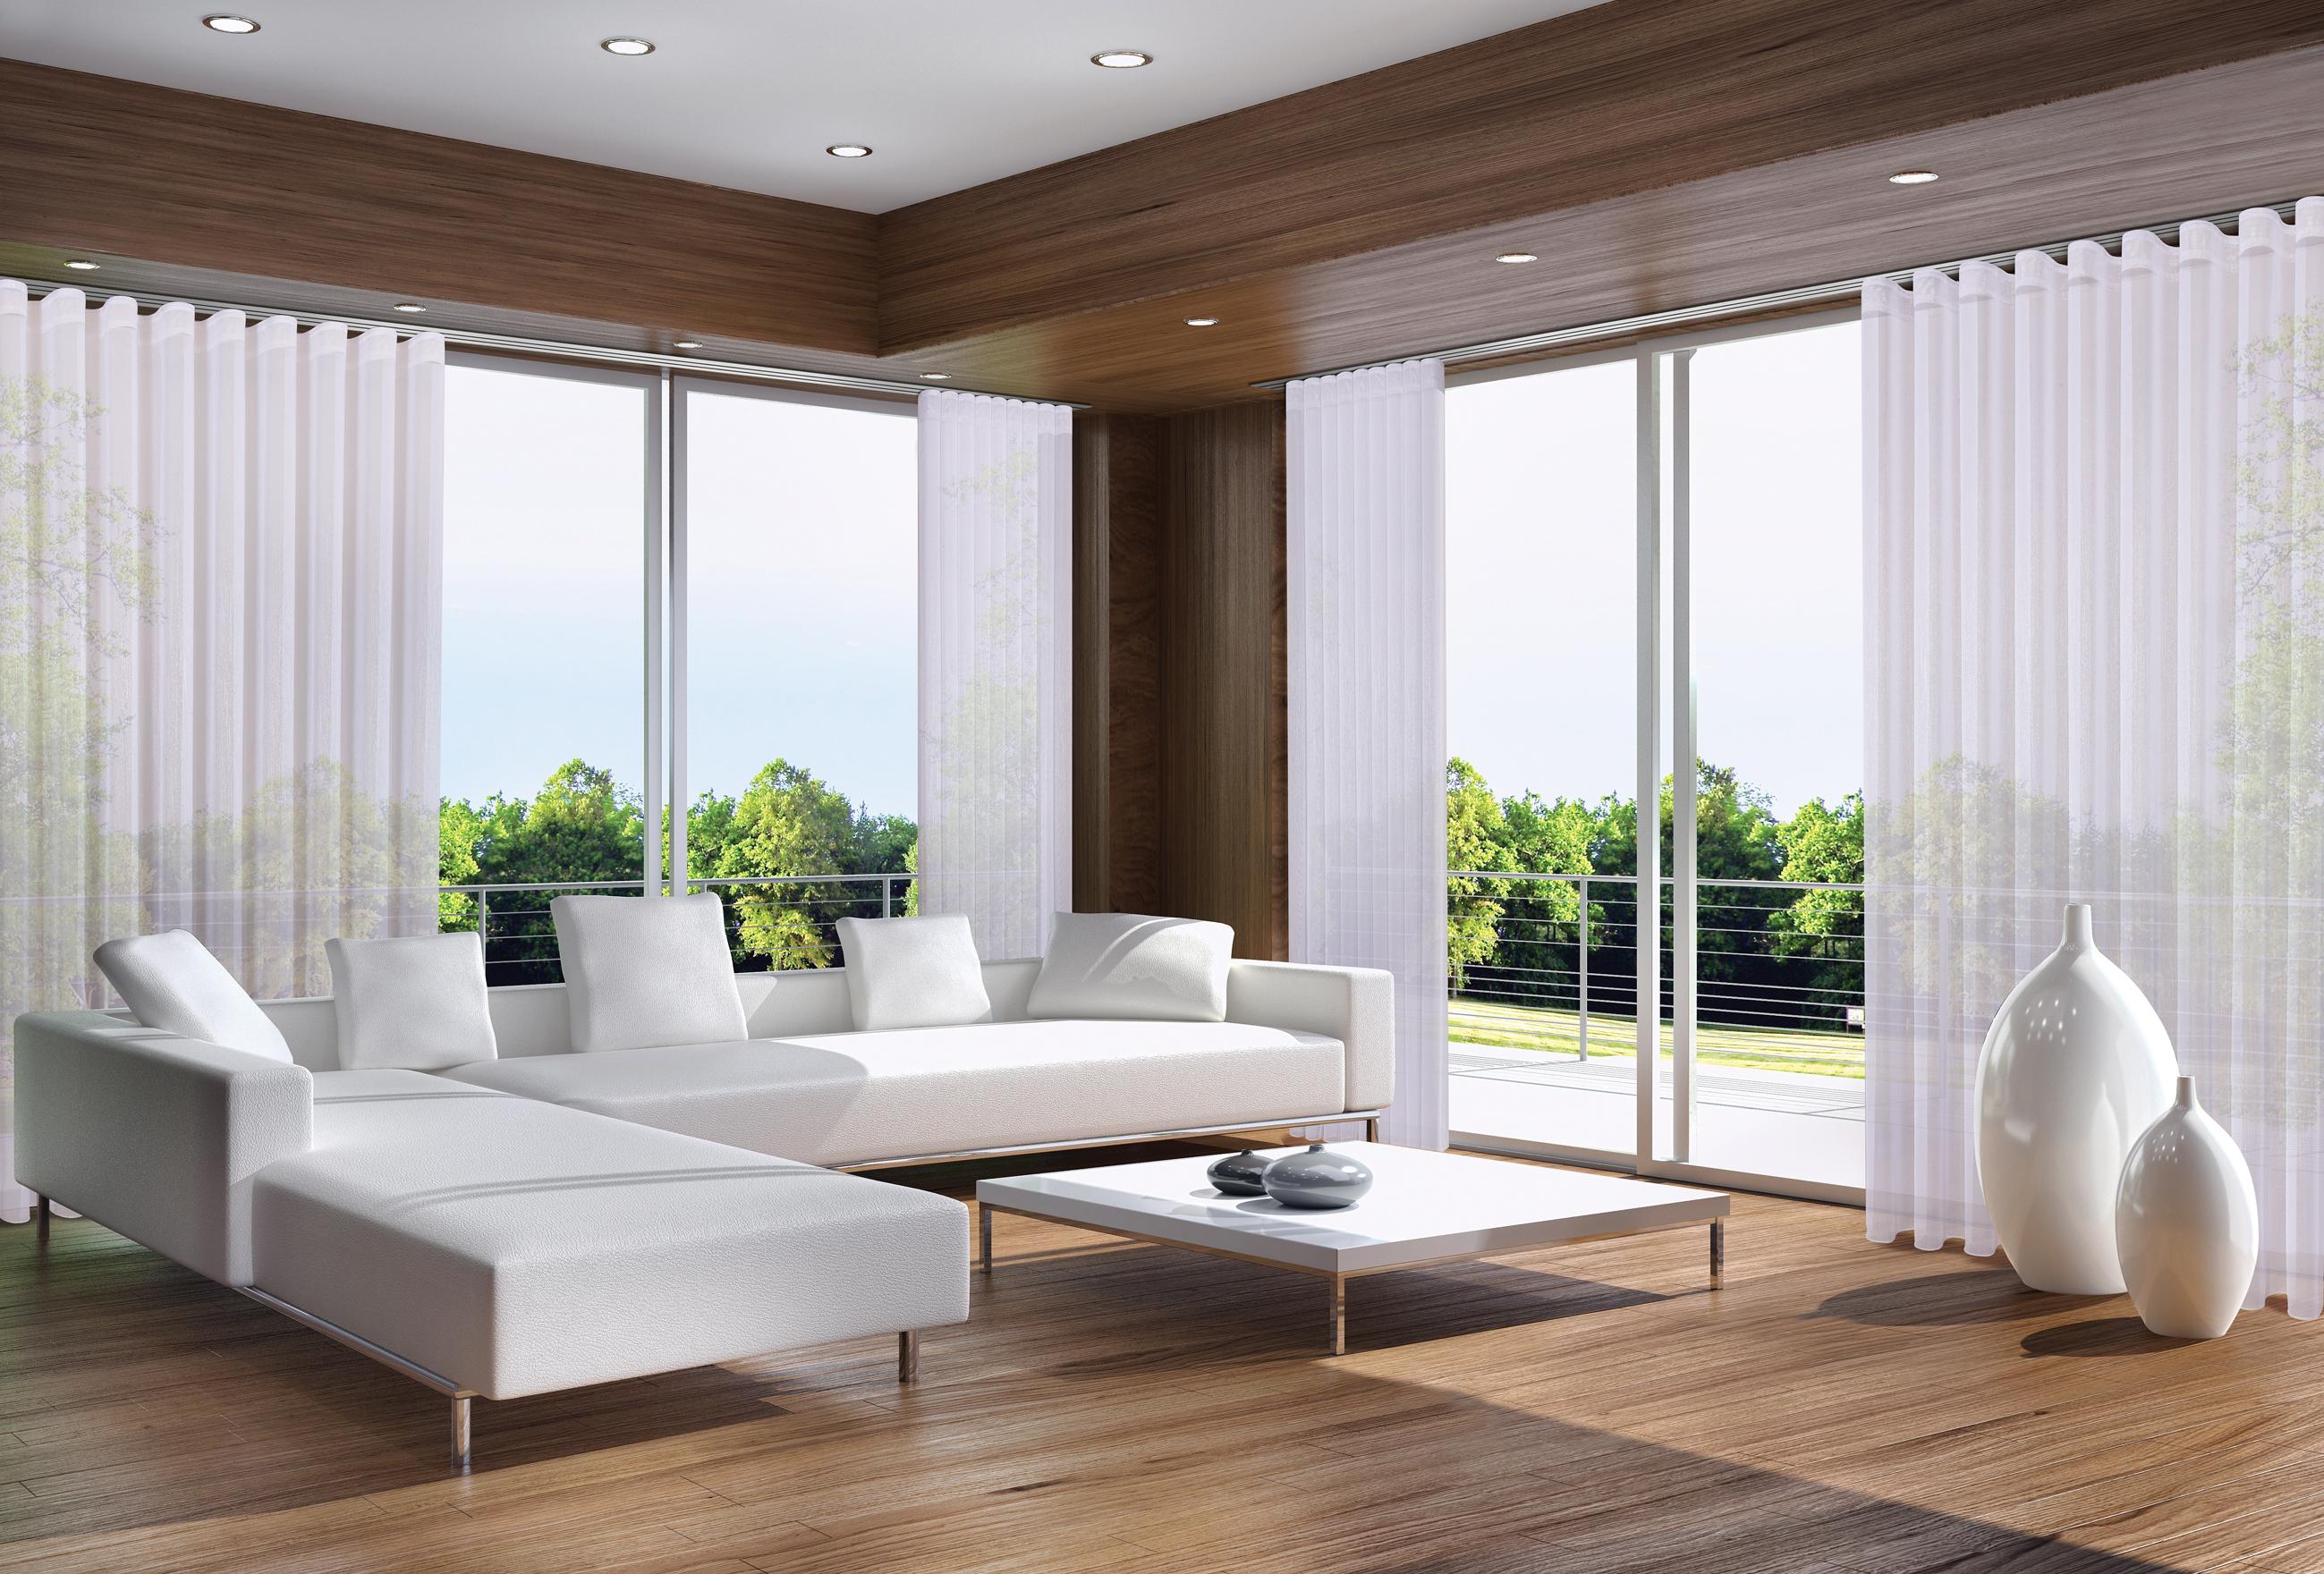 gordijnenatelier online gordijnen en vitrage op maat gemaakt en stoffen groothandell voor de. Black Bedroom Furniture Sets. Home Design Ideas